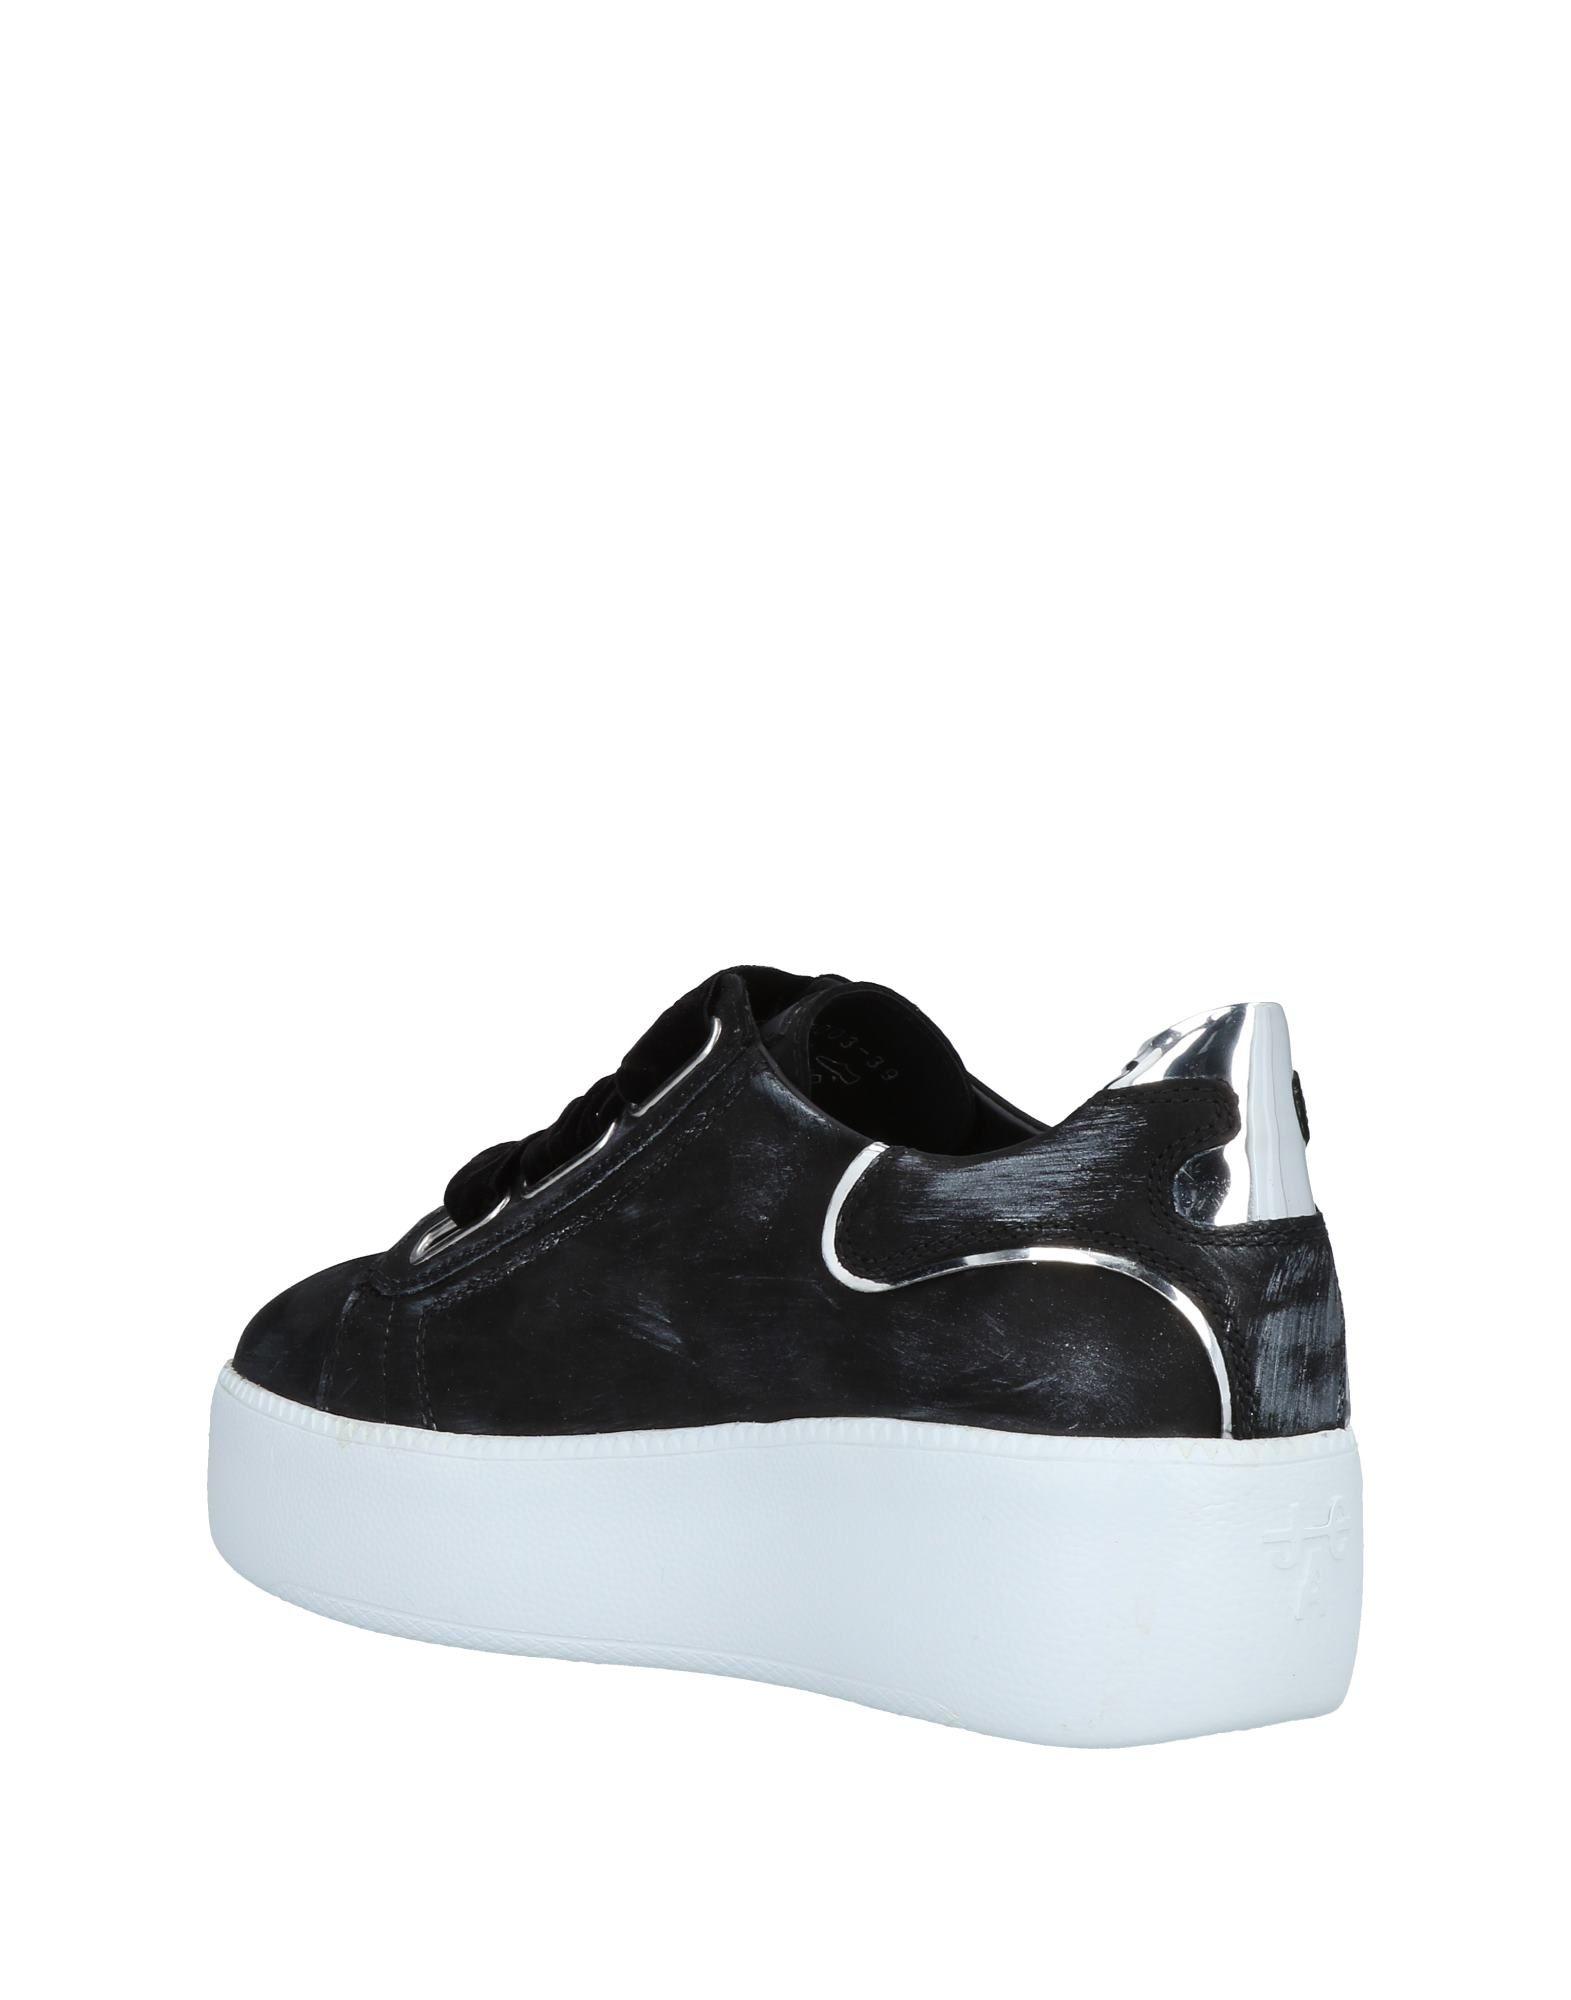 Just Another Copy Sneakers Damen  11484360CG Gute Qualität beliebte beliebte Qualität Schuhe a7a535